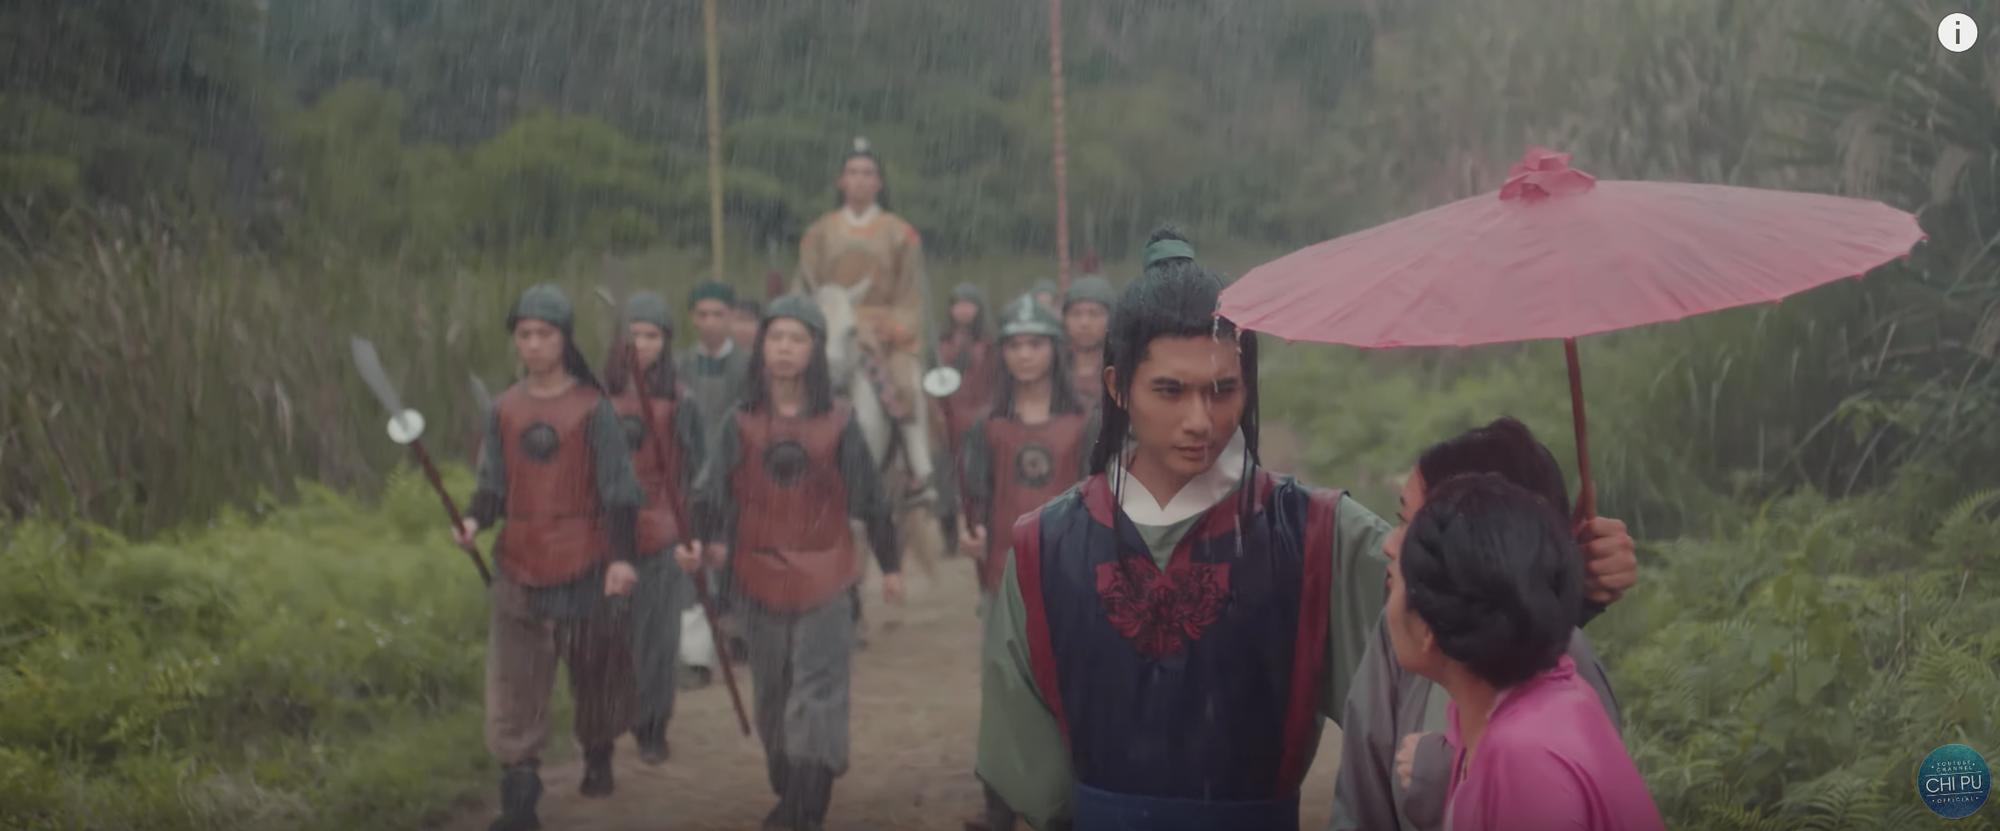 Ra MV mới, Chi Pu ghi điểm với những thay đổi tích cực và 3 điều lần đầu tiên khán giả được chứng kiến - Ảnh 5.